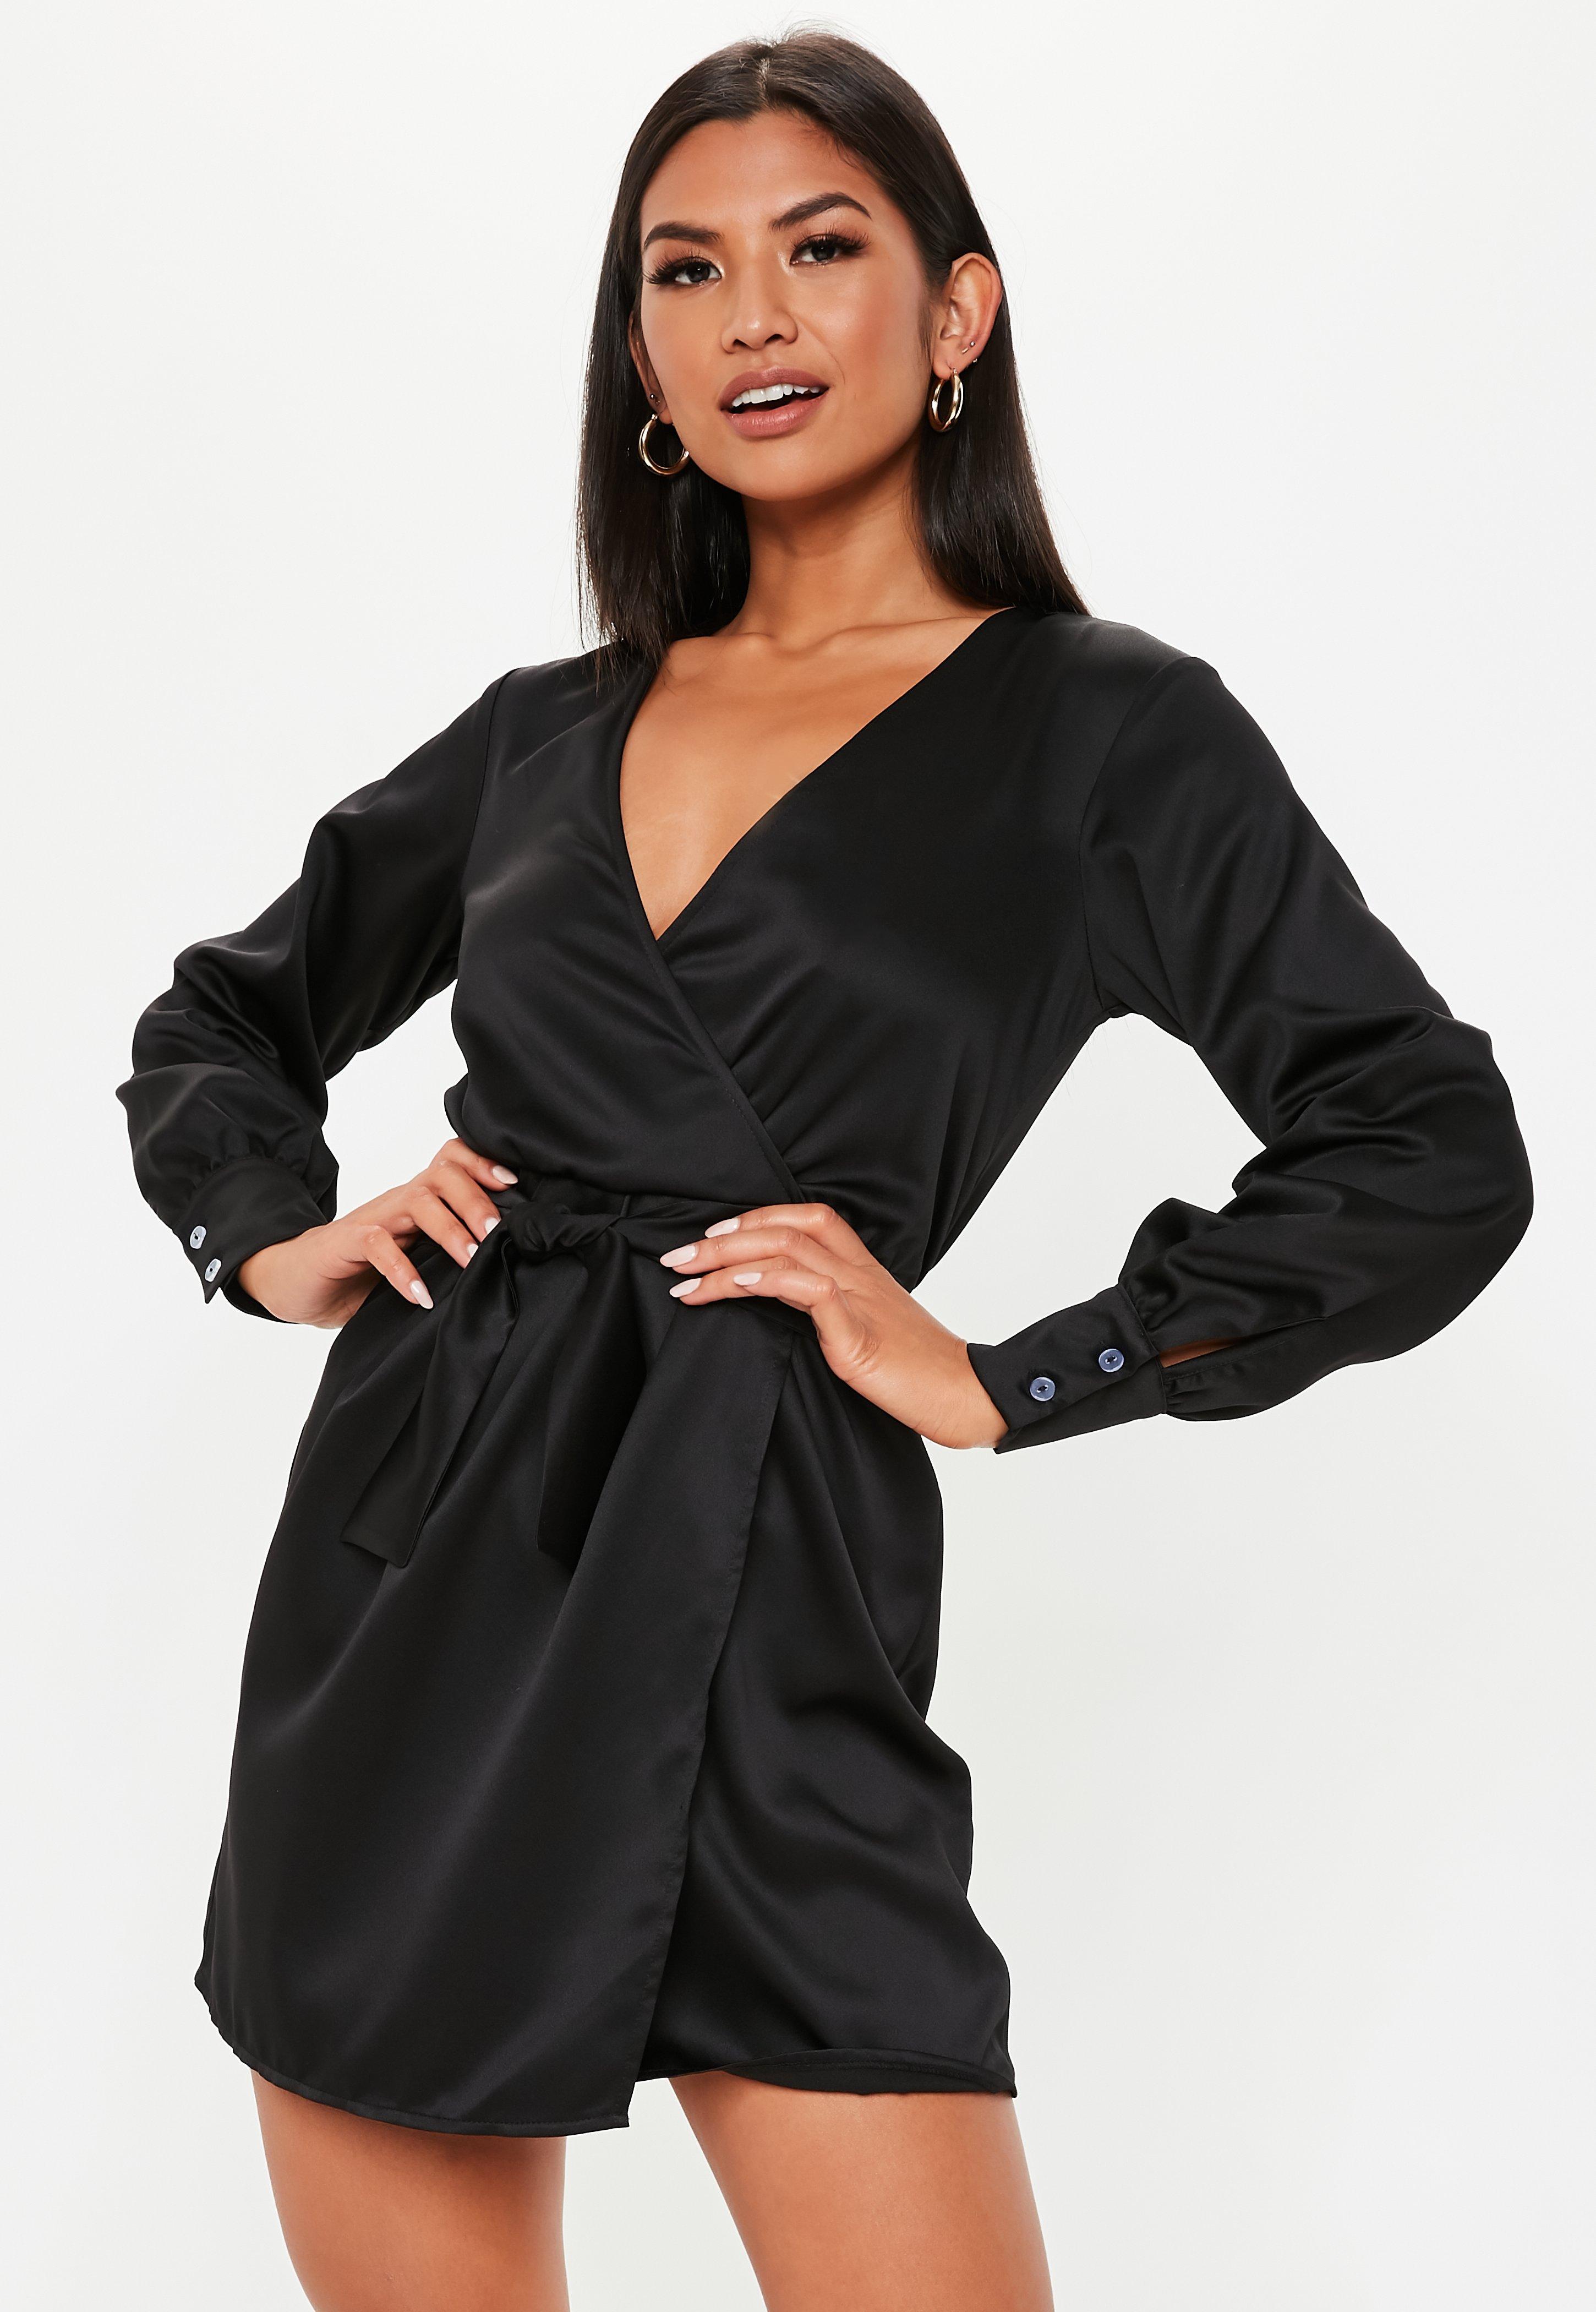 81ce0db5a5981 Black Wrap Dresses | Shop Black Wrap Dresses Online - Missguided